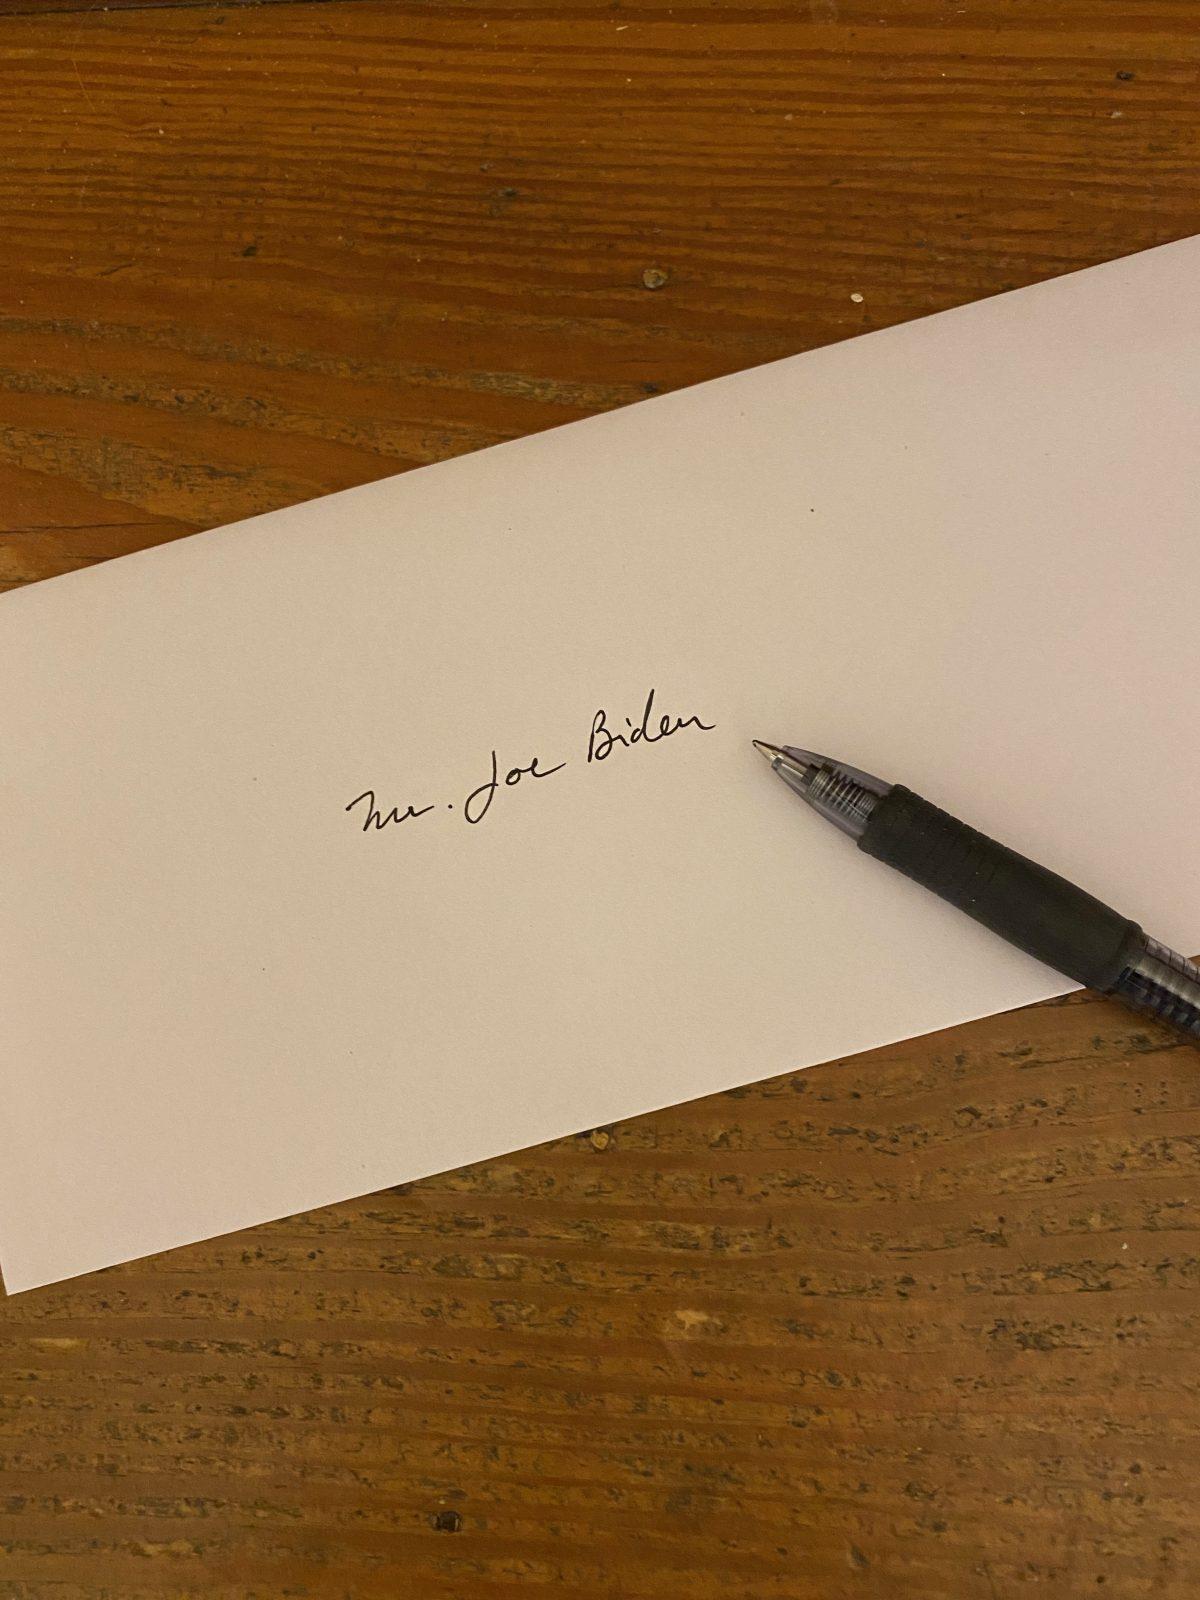 Dear Joe,